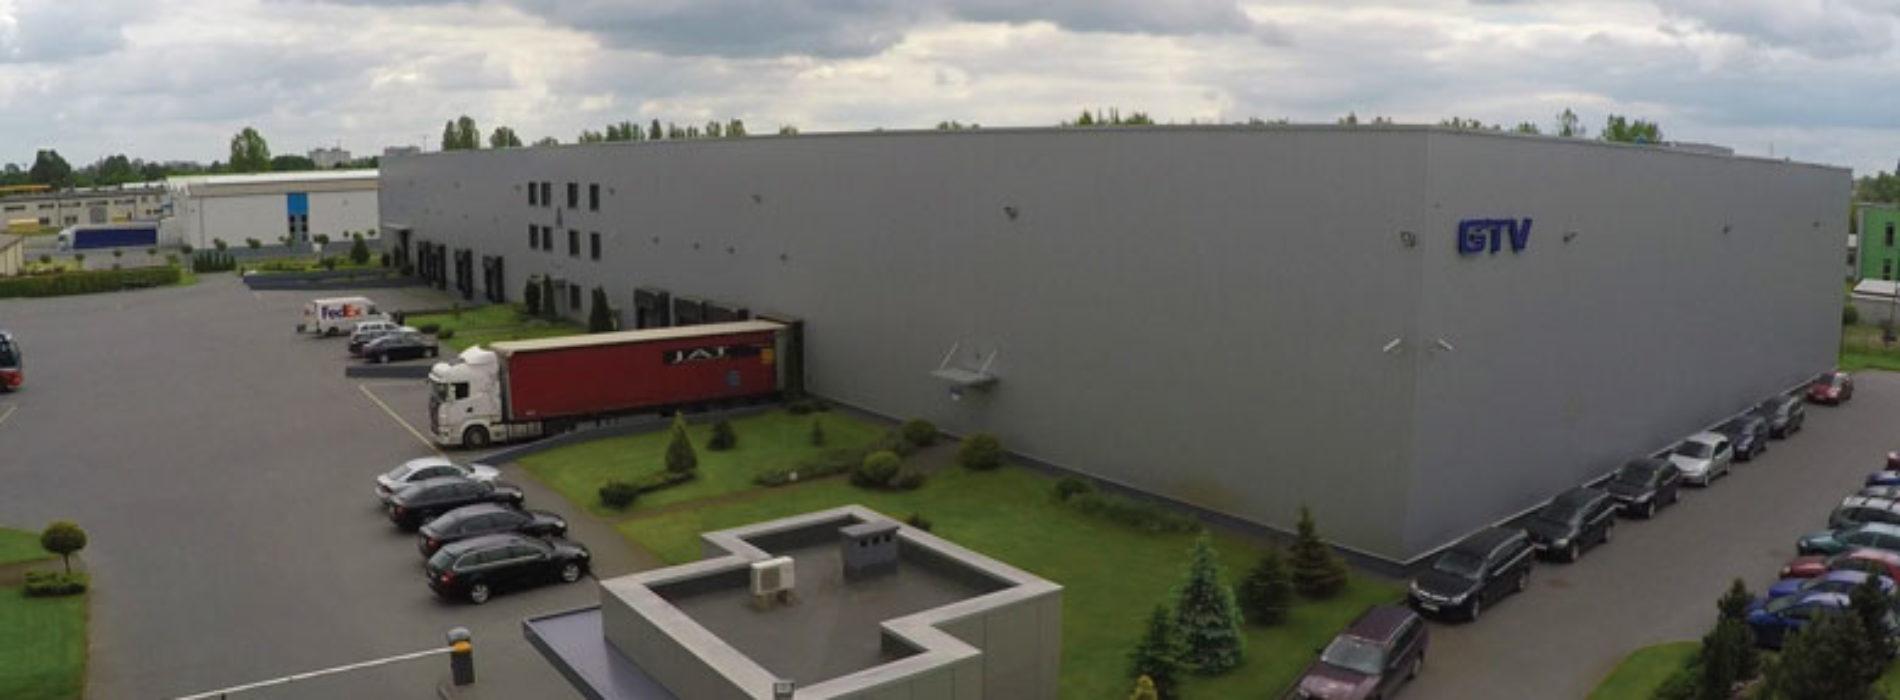 Prefabrykowane hale produkcyjne od firmy Borga – niezawodność i jakość na lata